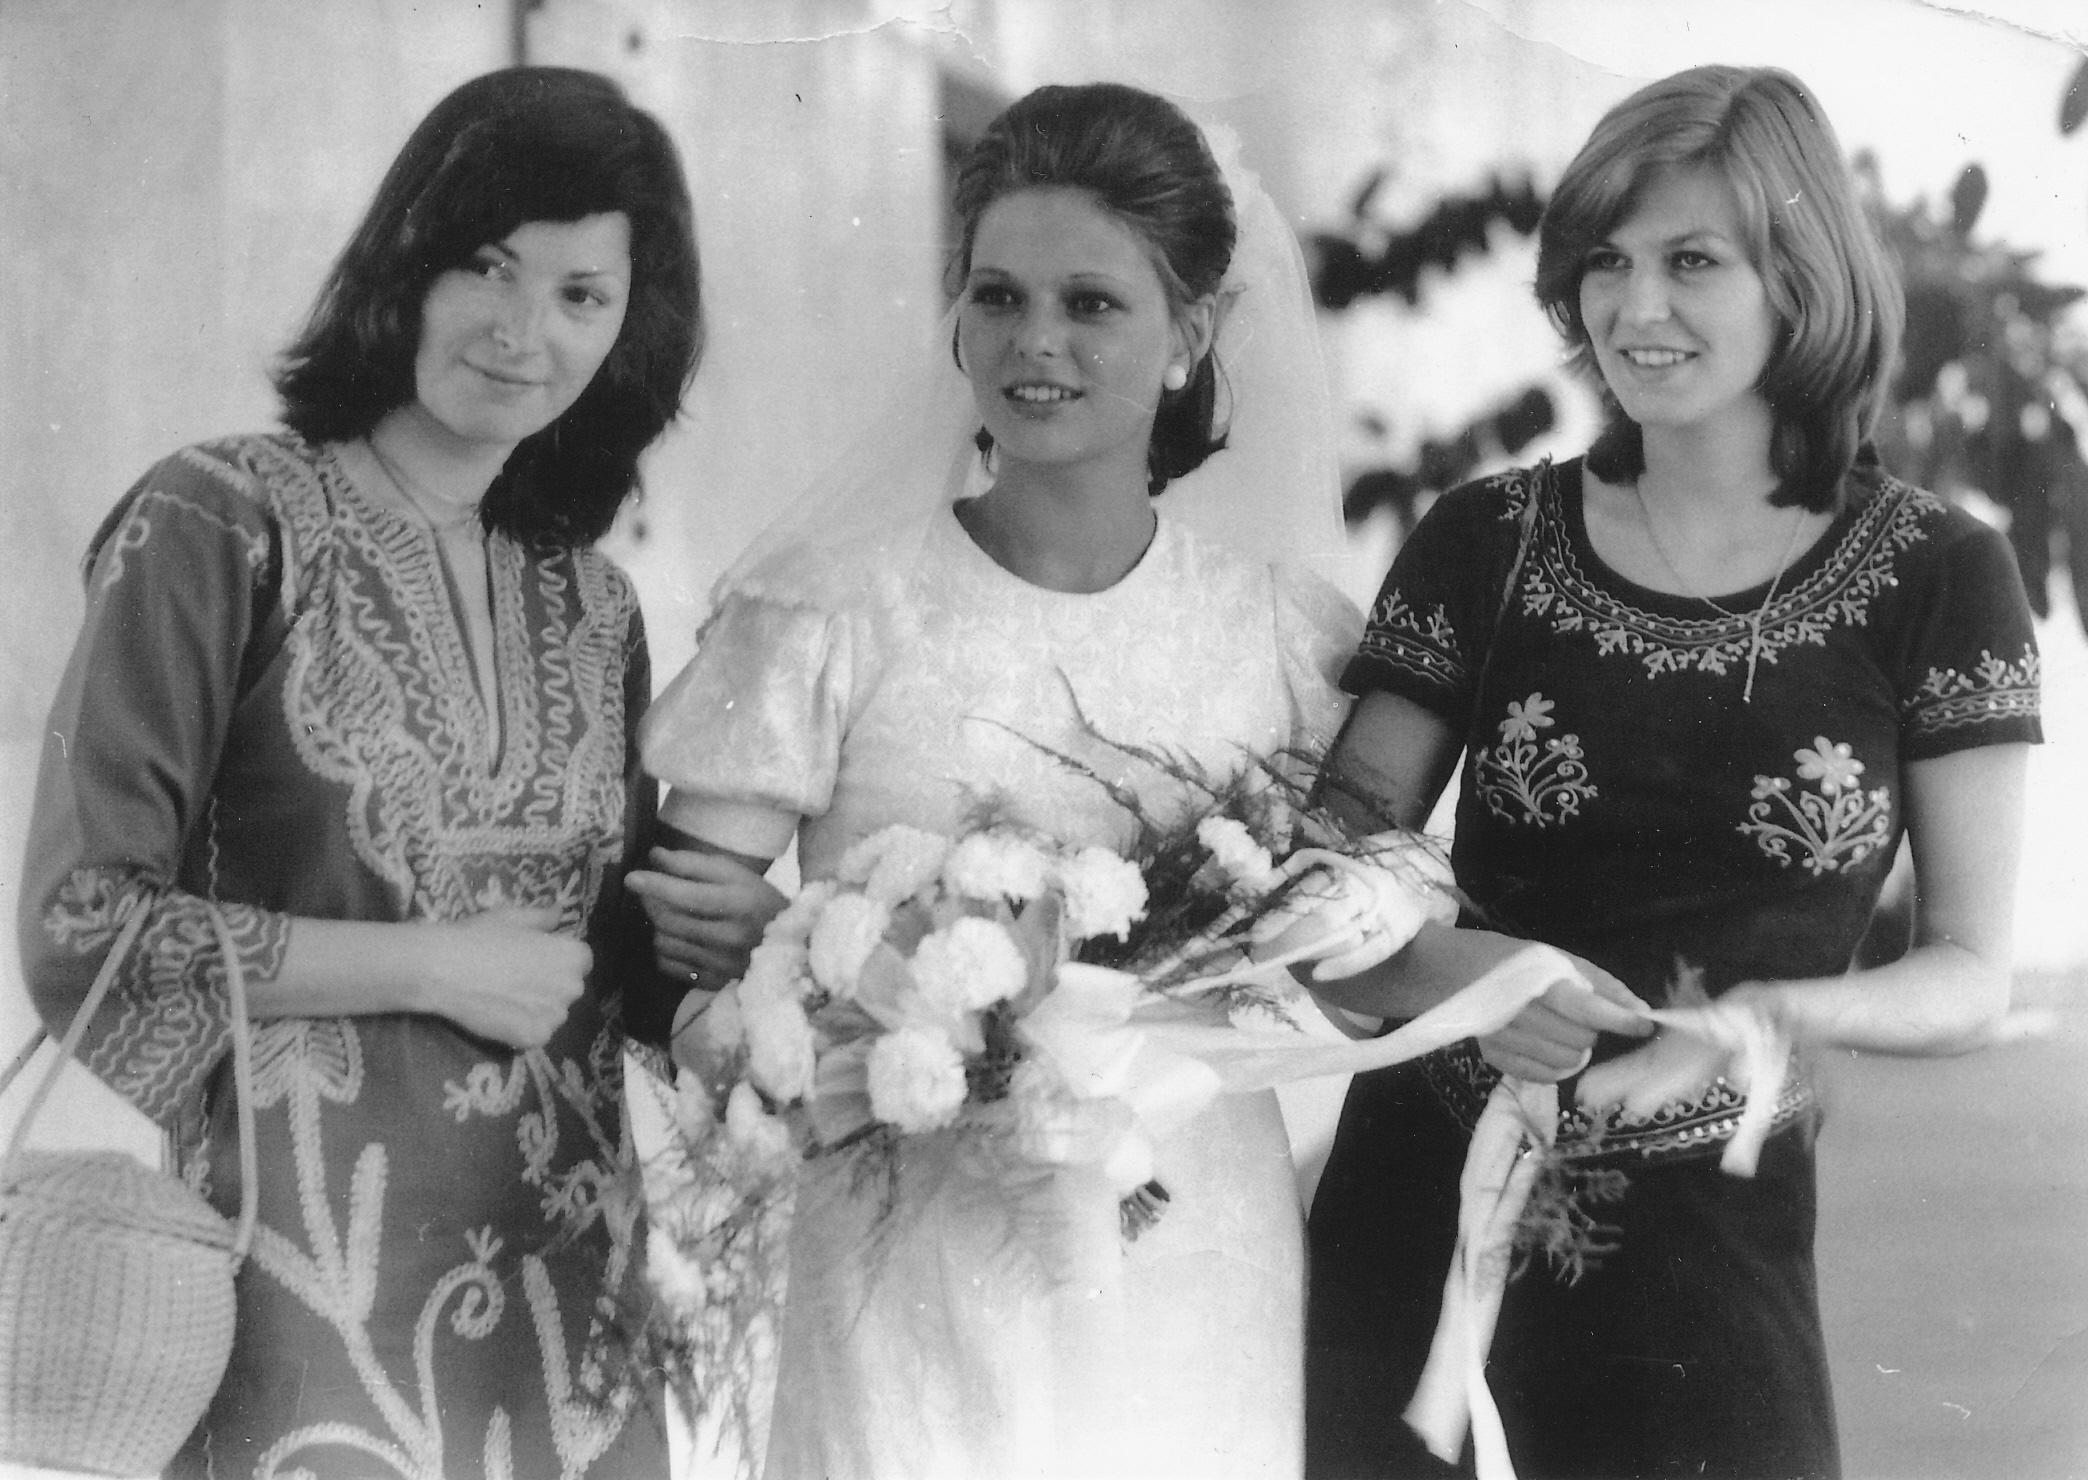 Bodnár Eszter, Szakács Zsuzsa és Himmer Márta - <em>Filmregény - Három nővér</em> (Dárday István, 1977)